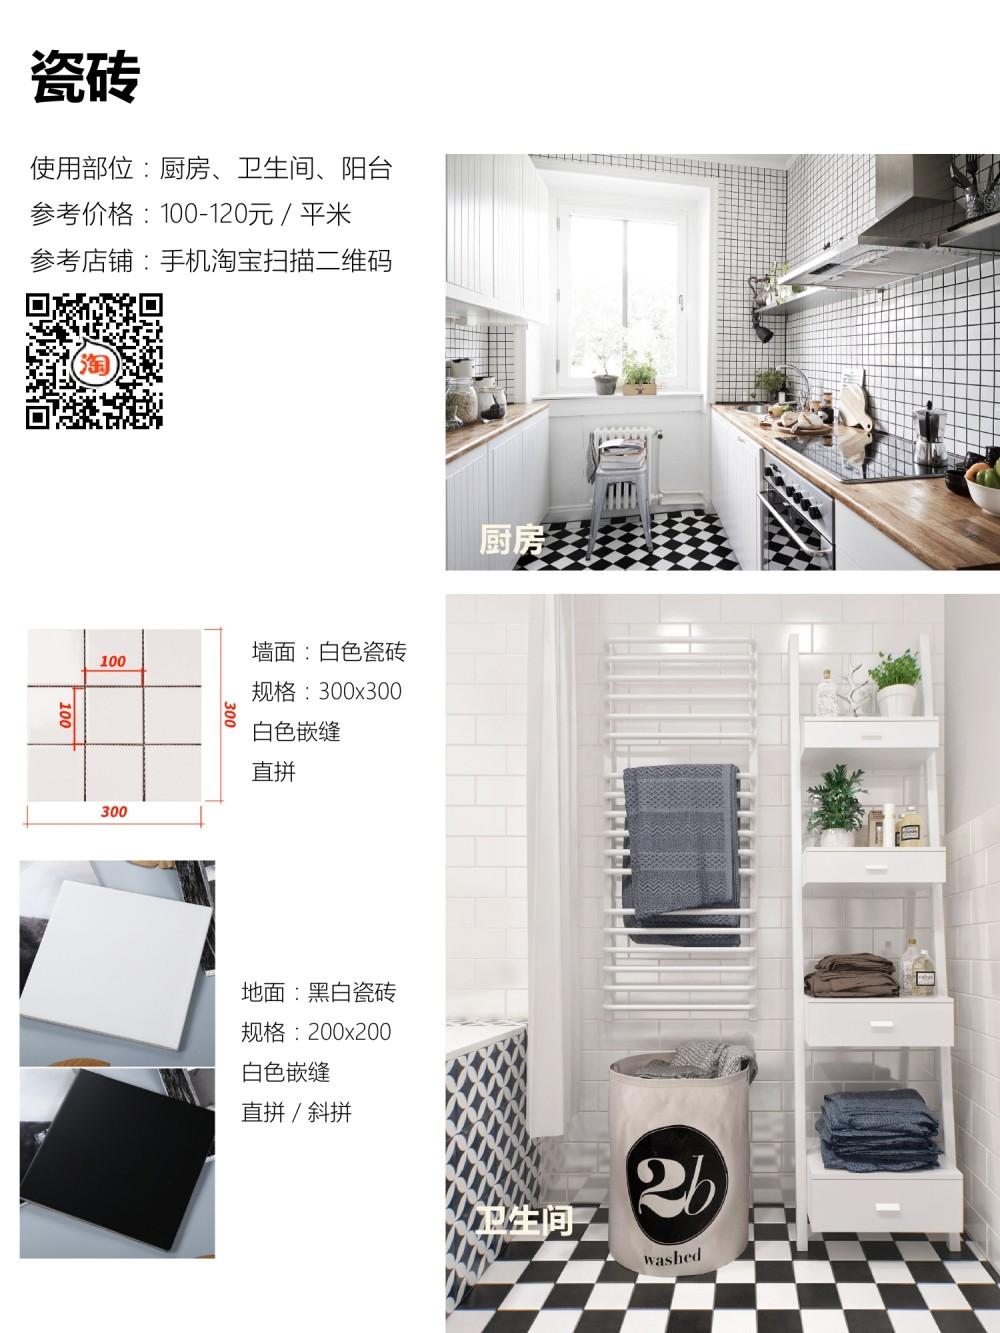 【指导手册】现代北欧风格DIY手册PDF+JPG 93P丨170M丨_16.jpg